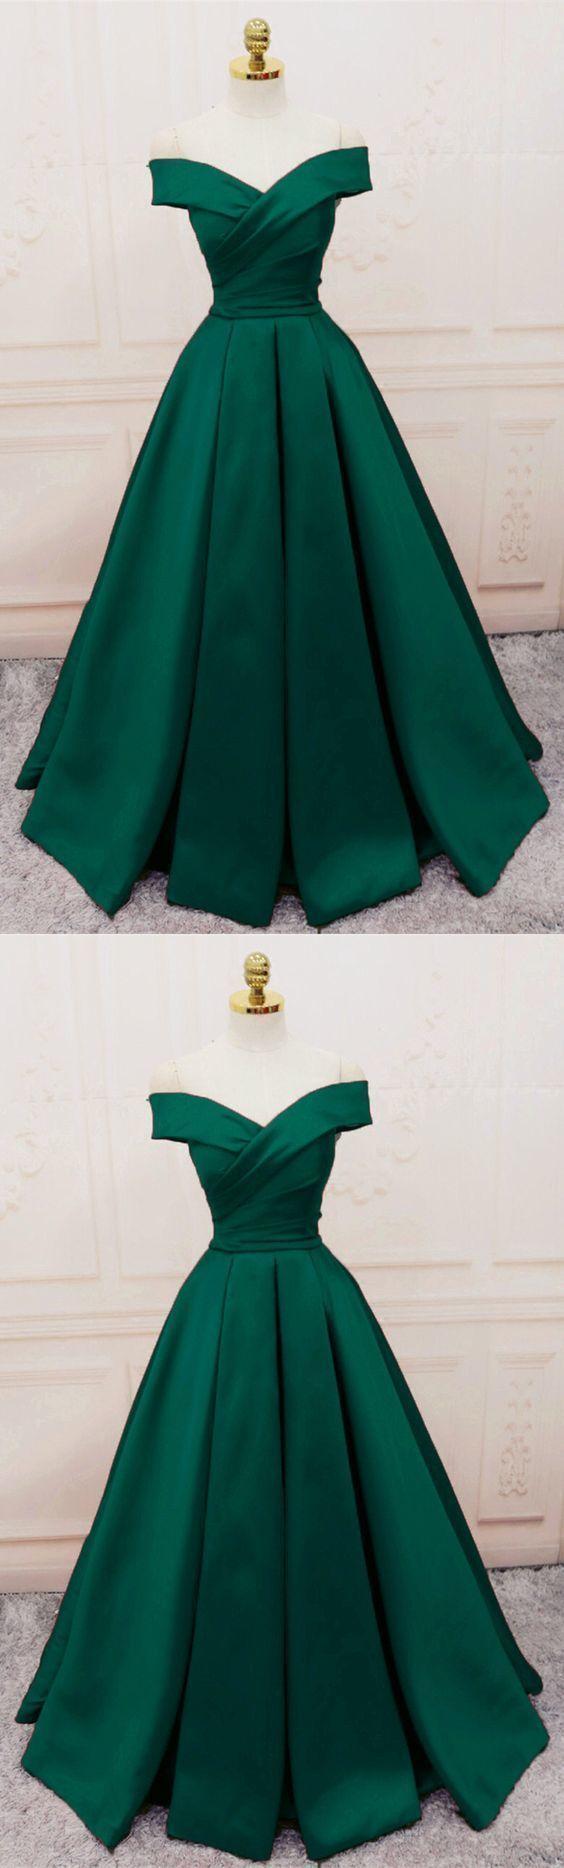 Simple V-neck Off Shoulder Prom Dresses Long Evening Gowns